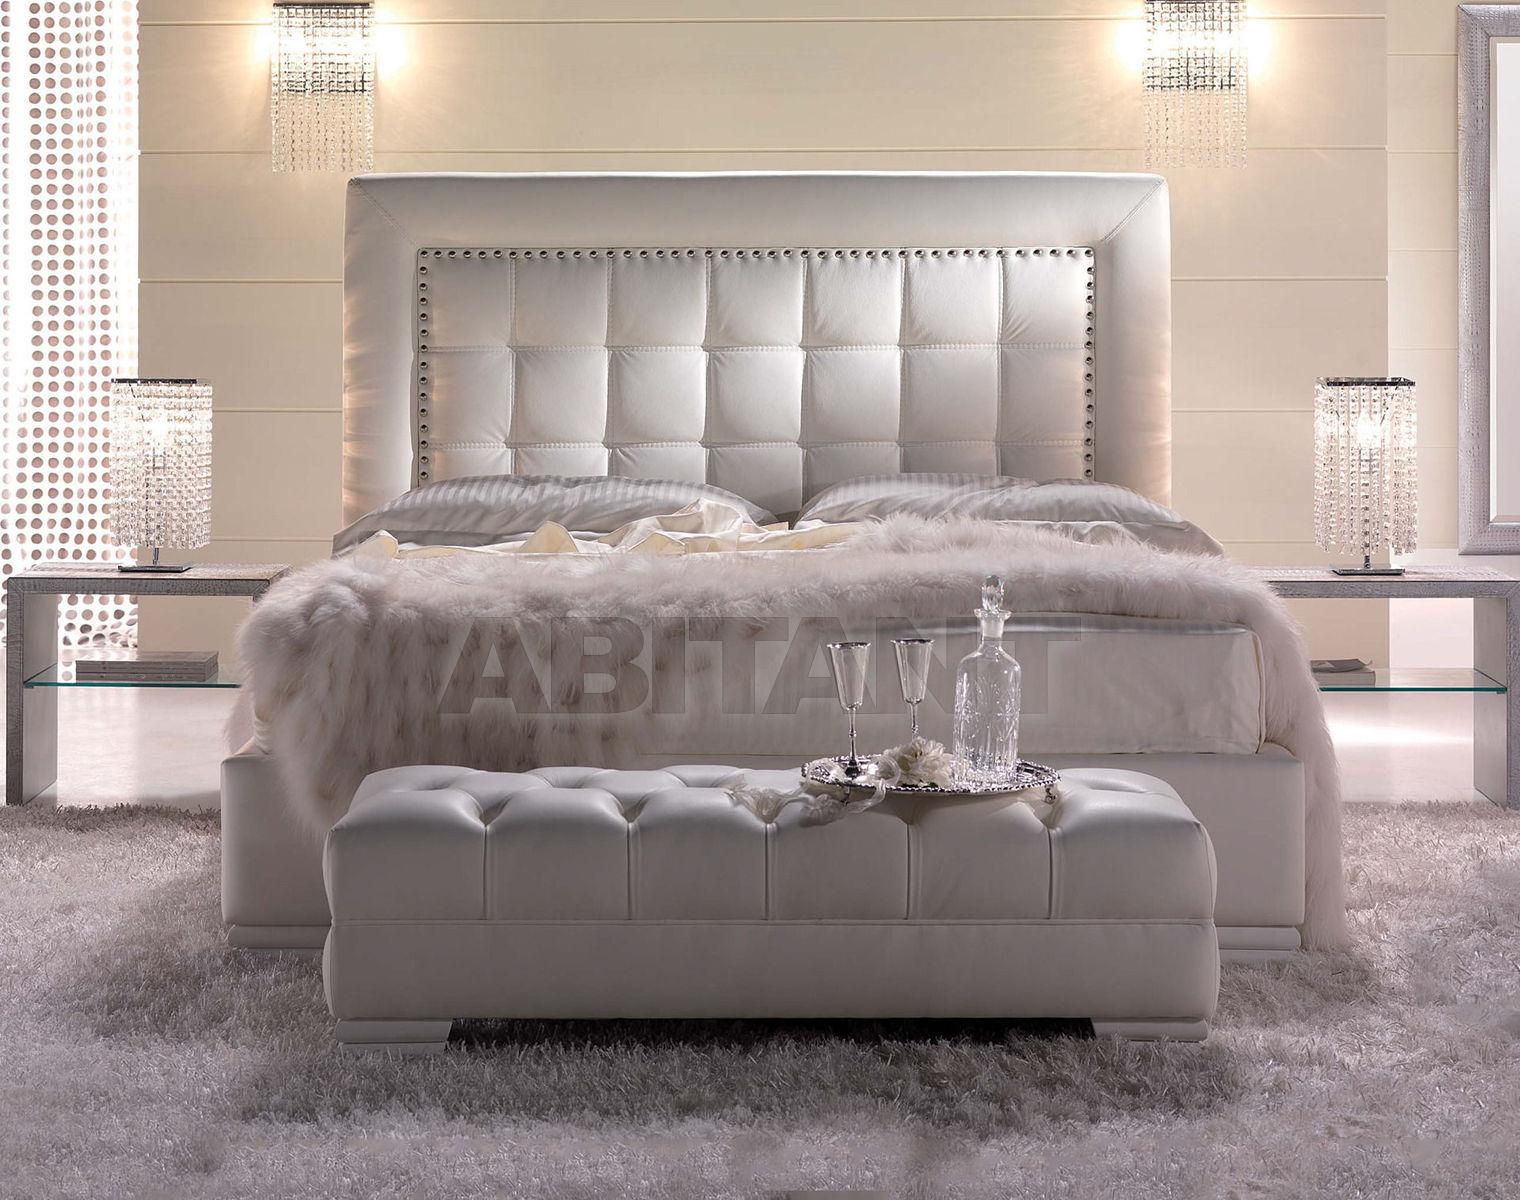 Buy Bed Unique Supremacy METROPOL 160